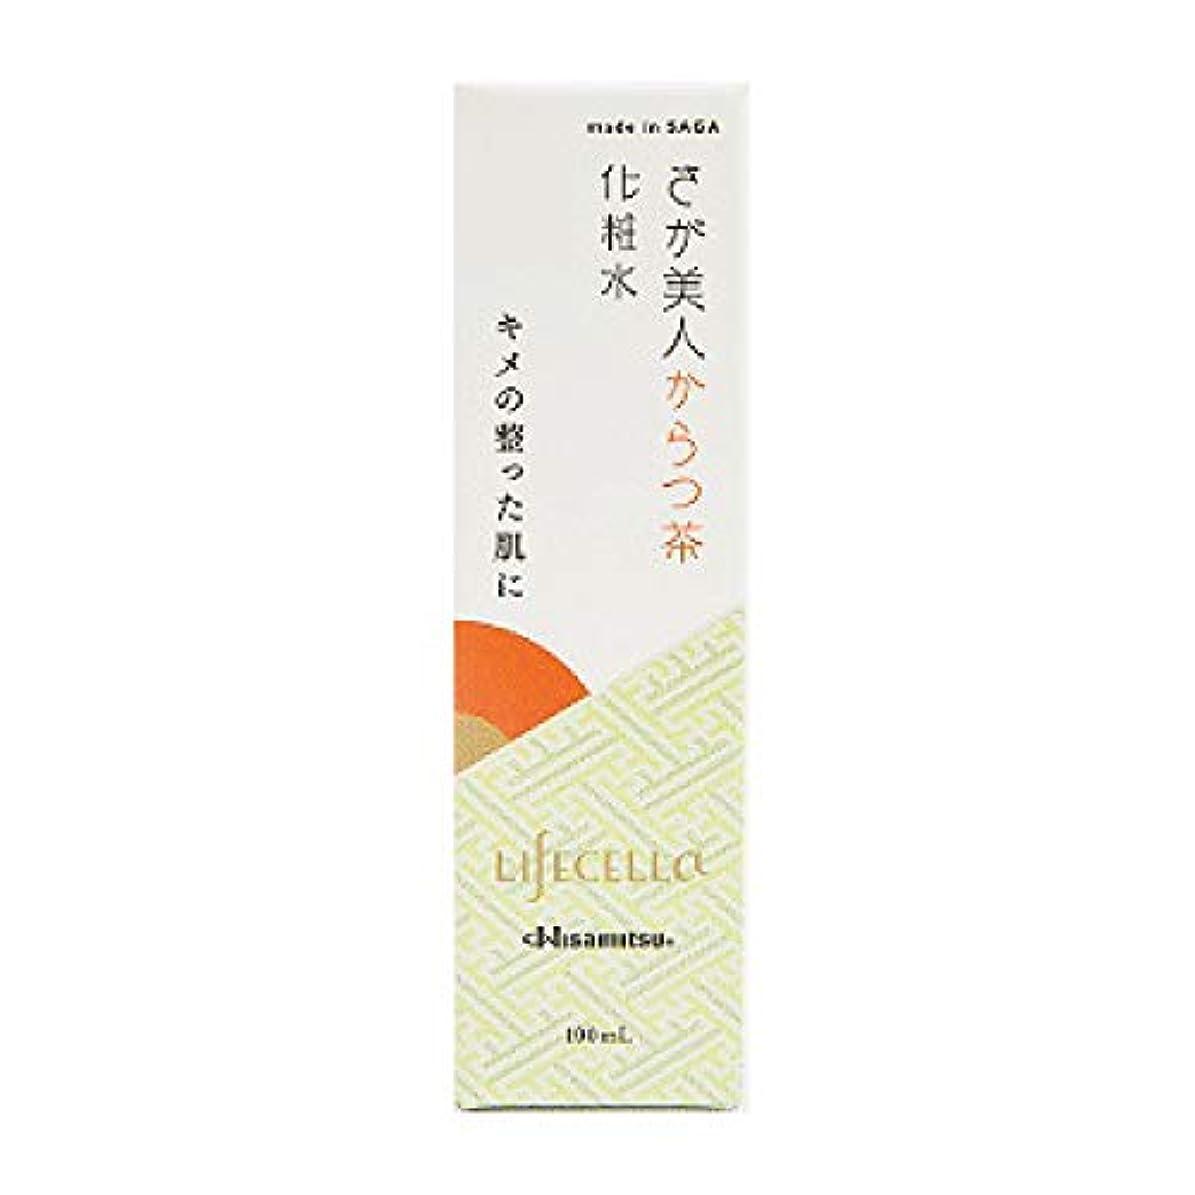 ライオンバストソロさが美人 化粧水 (からつ茶) 久光製薬 ご当地 コスメ 保湿